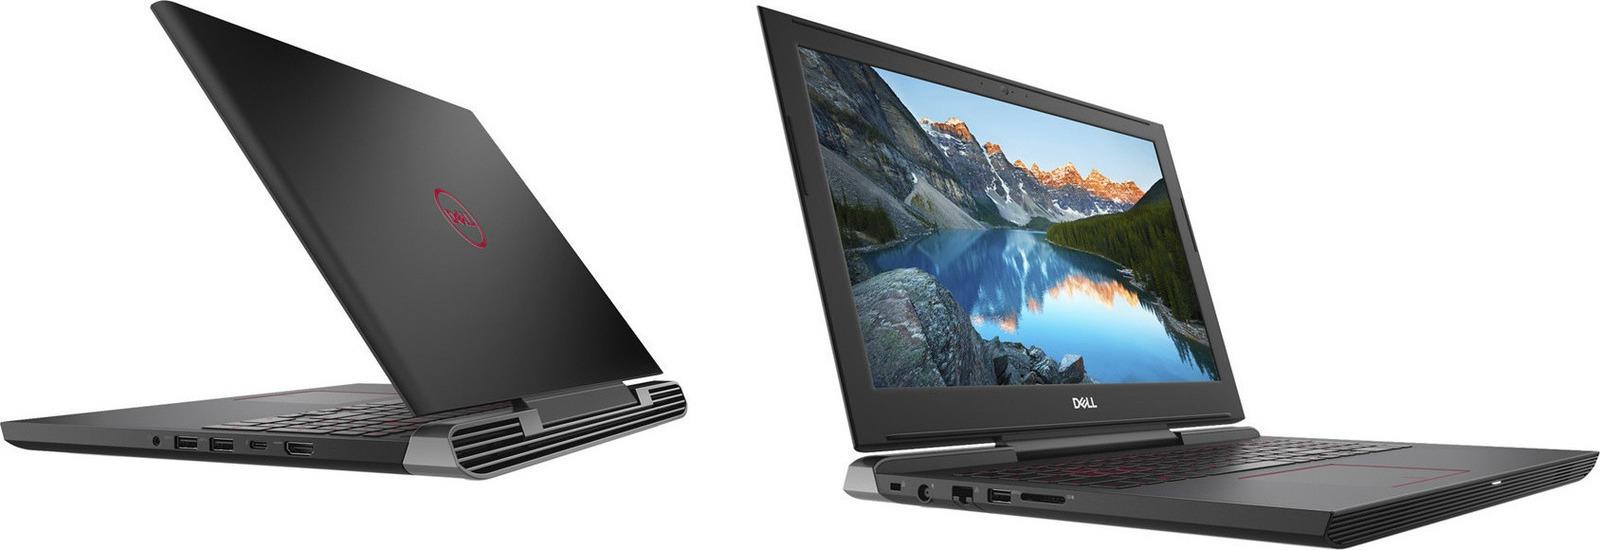 Dell Inspiron 7577 I7 7700hq 16gb 1tb 256gb Geforce Gtx 1060 Fhd Xps 15 9570 8750h 512gb 1050ti Win10 Pro 156 4k